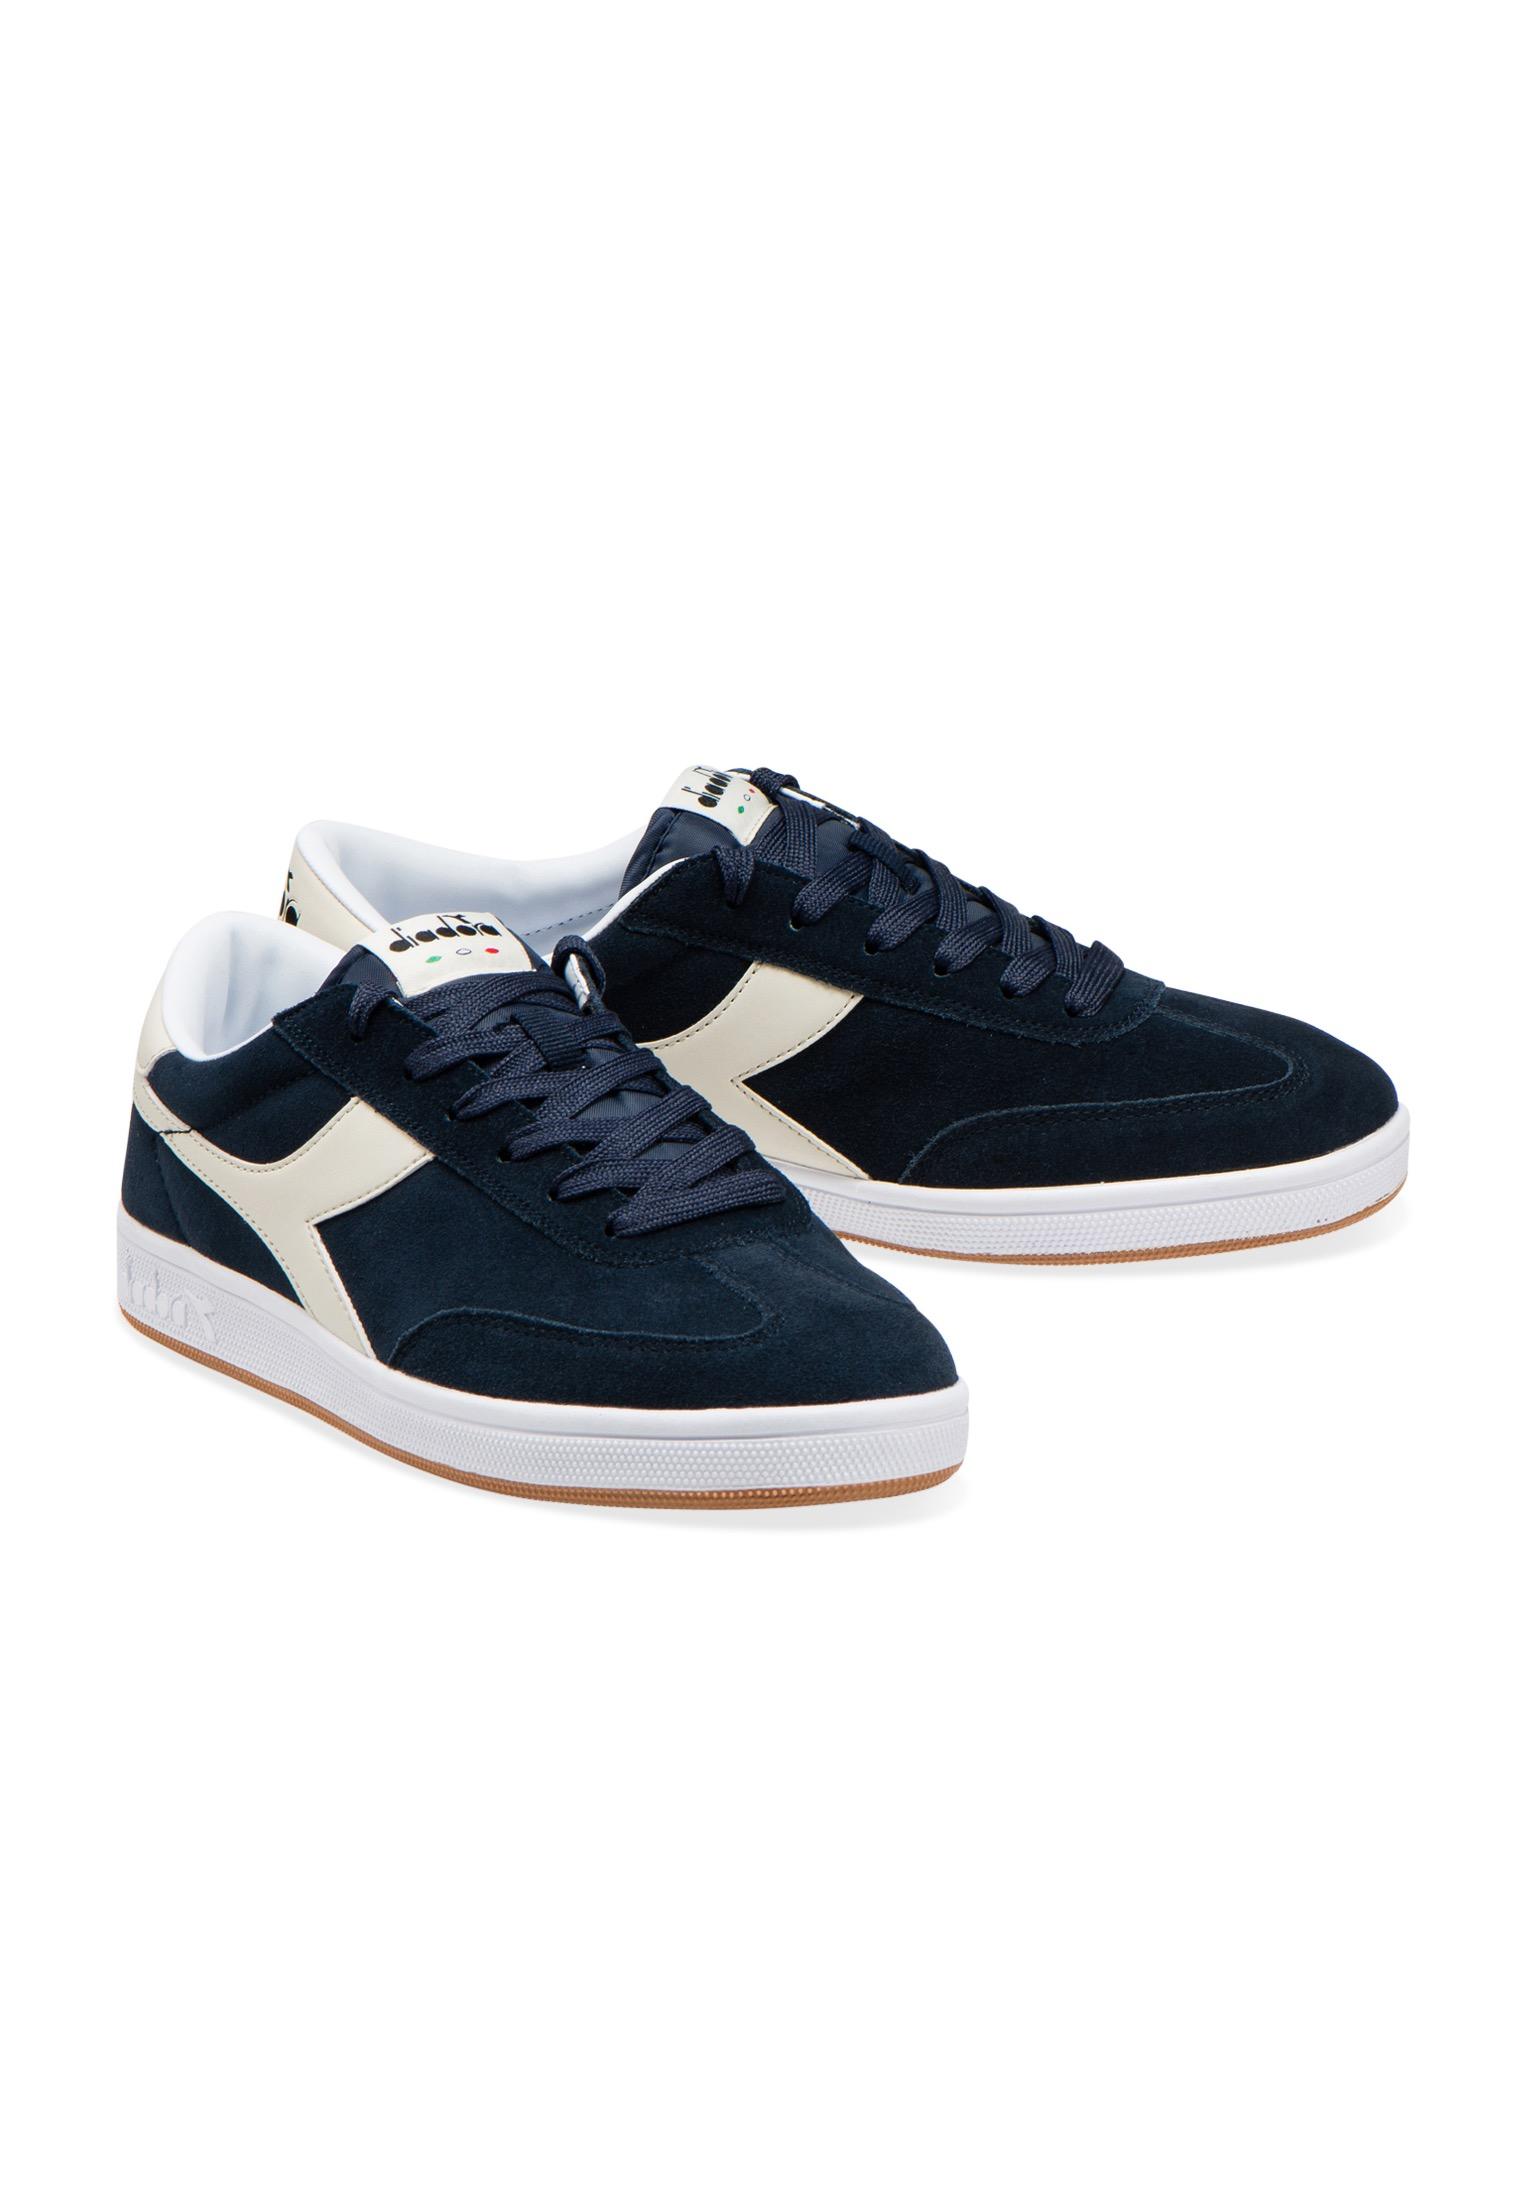 miniatura 35 - Diadora - Sneakers FIELD per uomo e donna